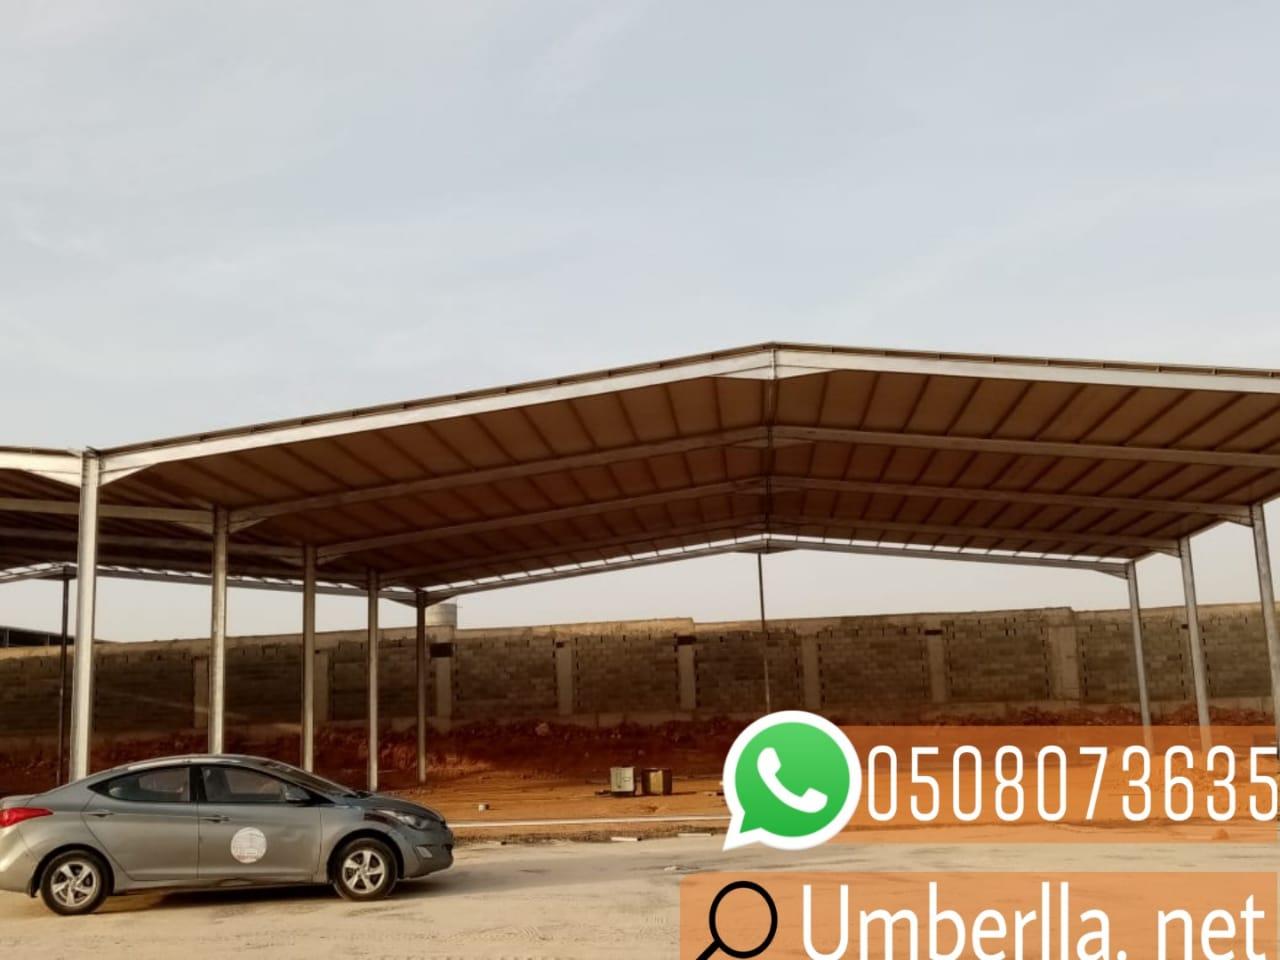 بناء هناجر , 0508073635 , , مشاريع مستودعات و هناجر , مقاول هناجر الرياض  , P_1655fn5717